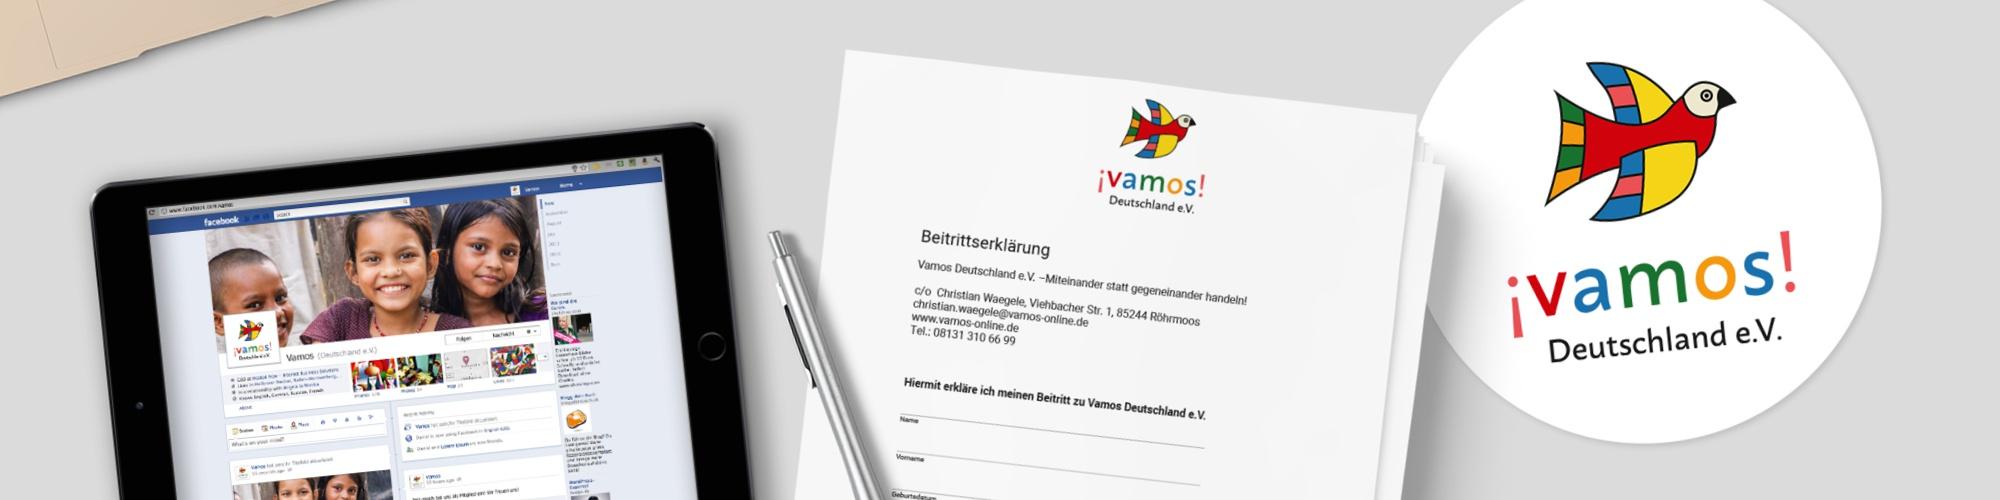 Vamos Deutschland e.V.:Redesign Logo, Website und Aufbau der Social Media Kanäle, Formulare & Satzung, Flyer, Infografik, Konzeption des Webauftritts, Koordination und Projektmanagement, Bildrecherche, Gestaltung Formulare, Imageflyer, Layout, Reinzeichnung, Druckabwicklung